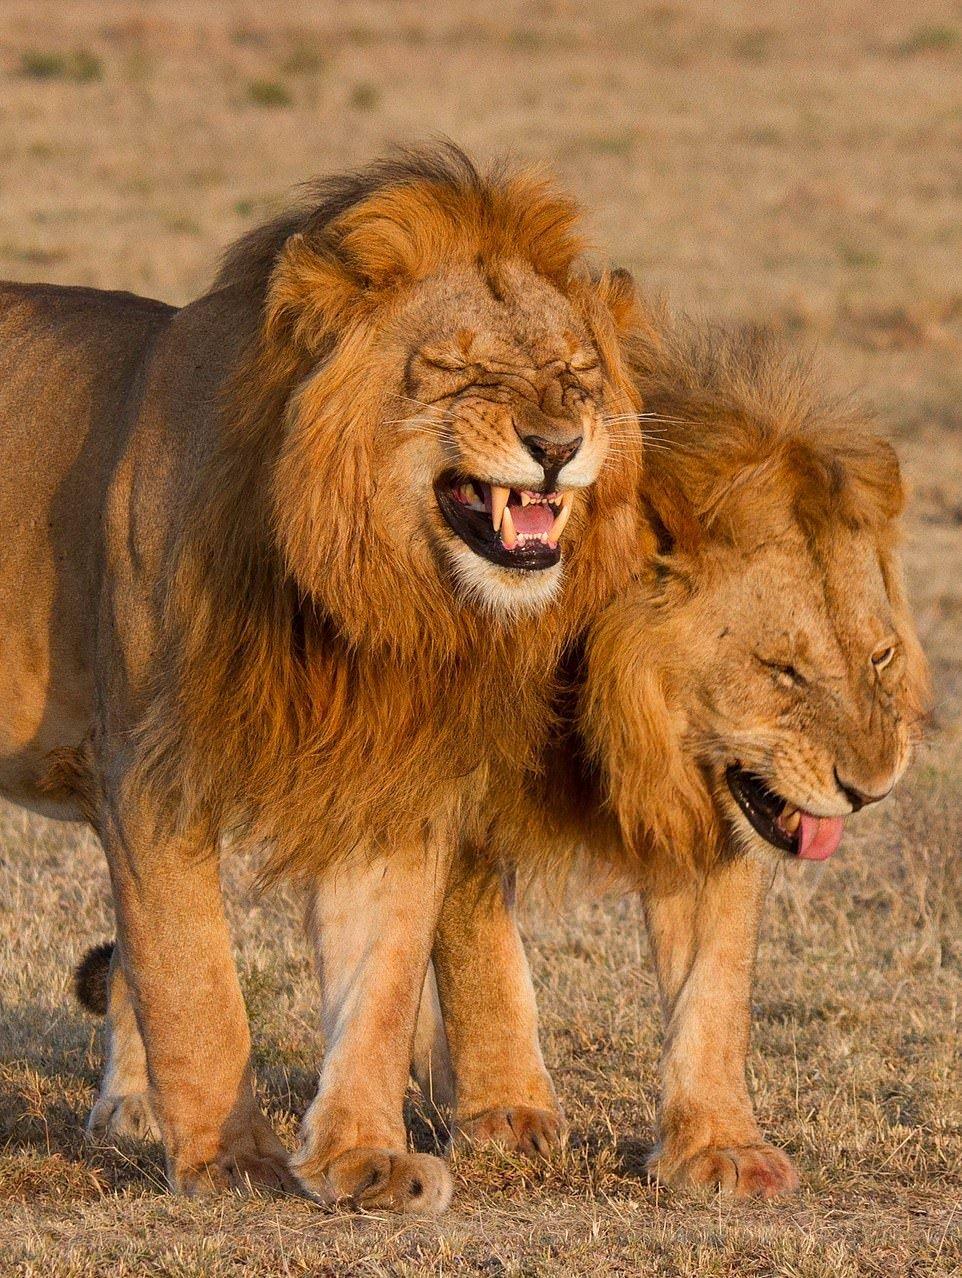 картинки смеющихся зверей такие поздравления виновников